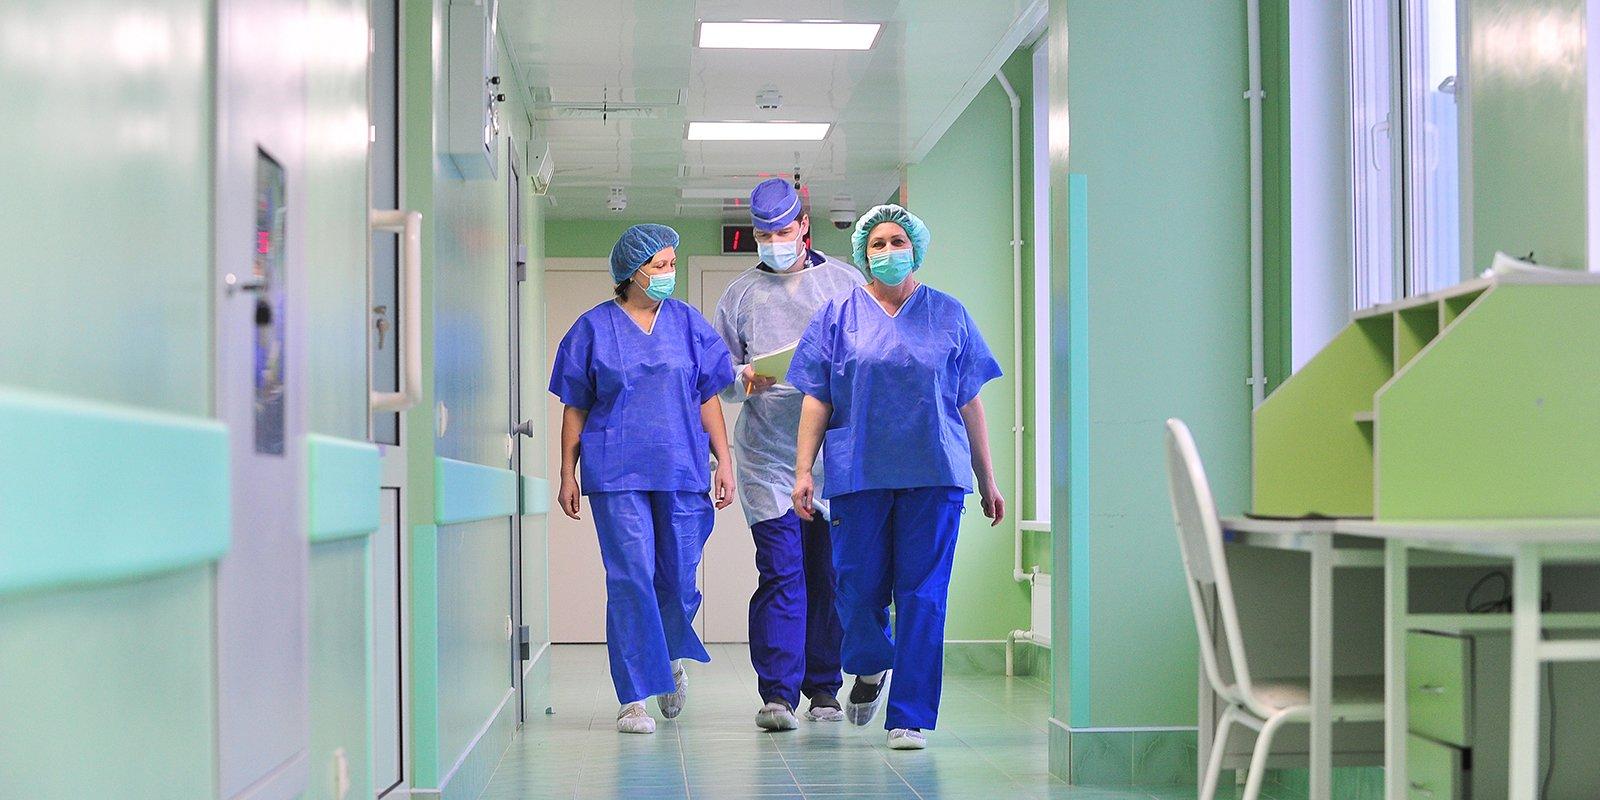 Впервые в России: московские кардиохирурги прооперировали пациентку с редким видом тахикардии